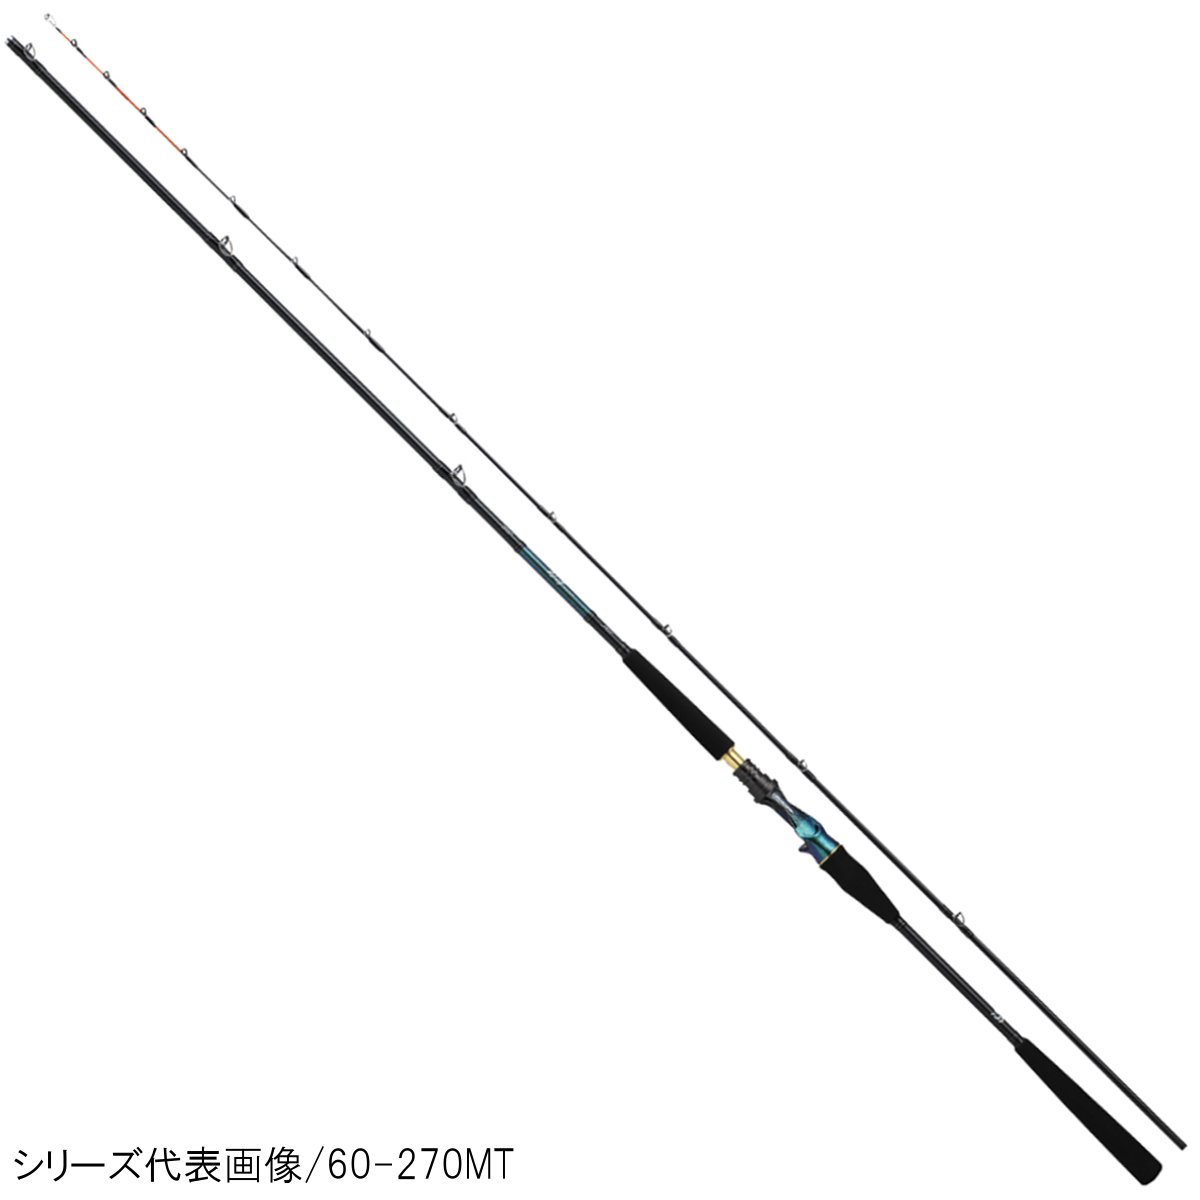 ダイワ 剣崎 MT 30-230MT【送料無料】